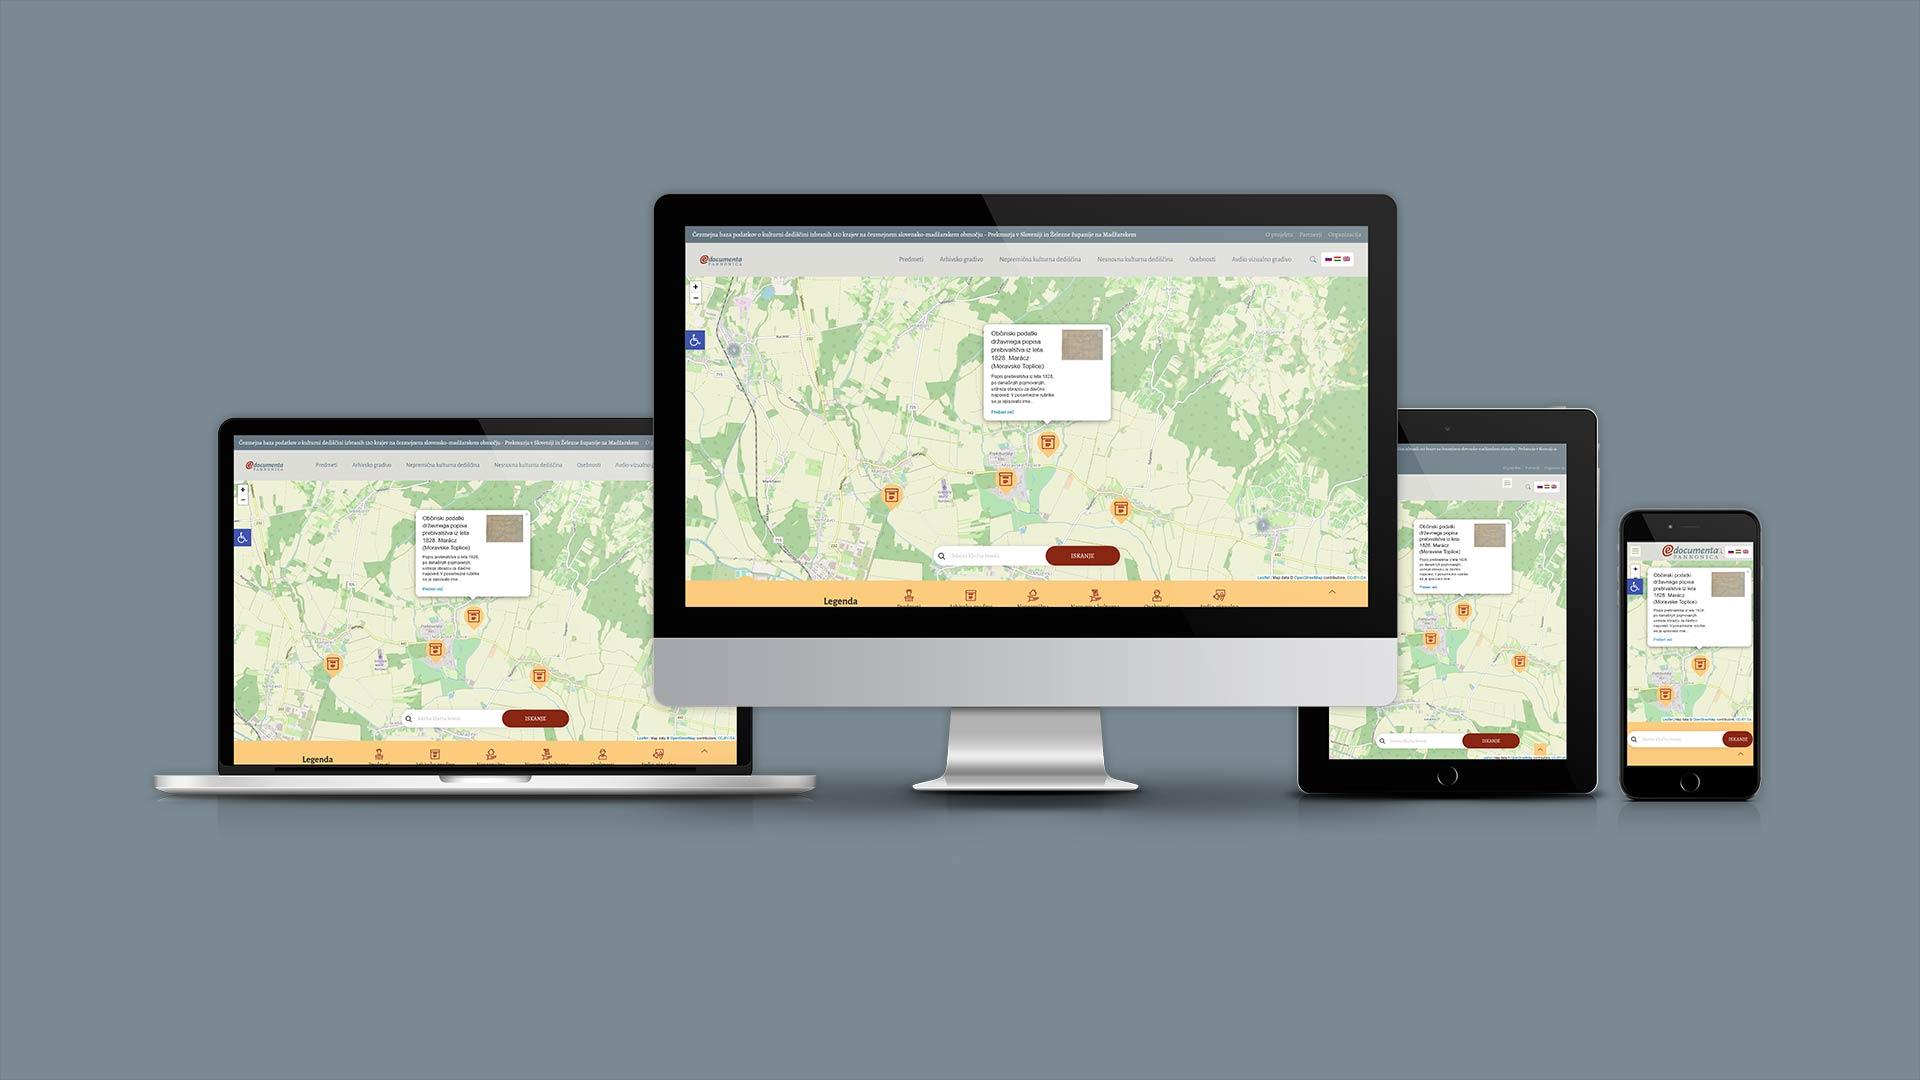 kreativne ideje e documenta pannonica izdelava spletne strani